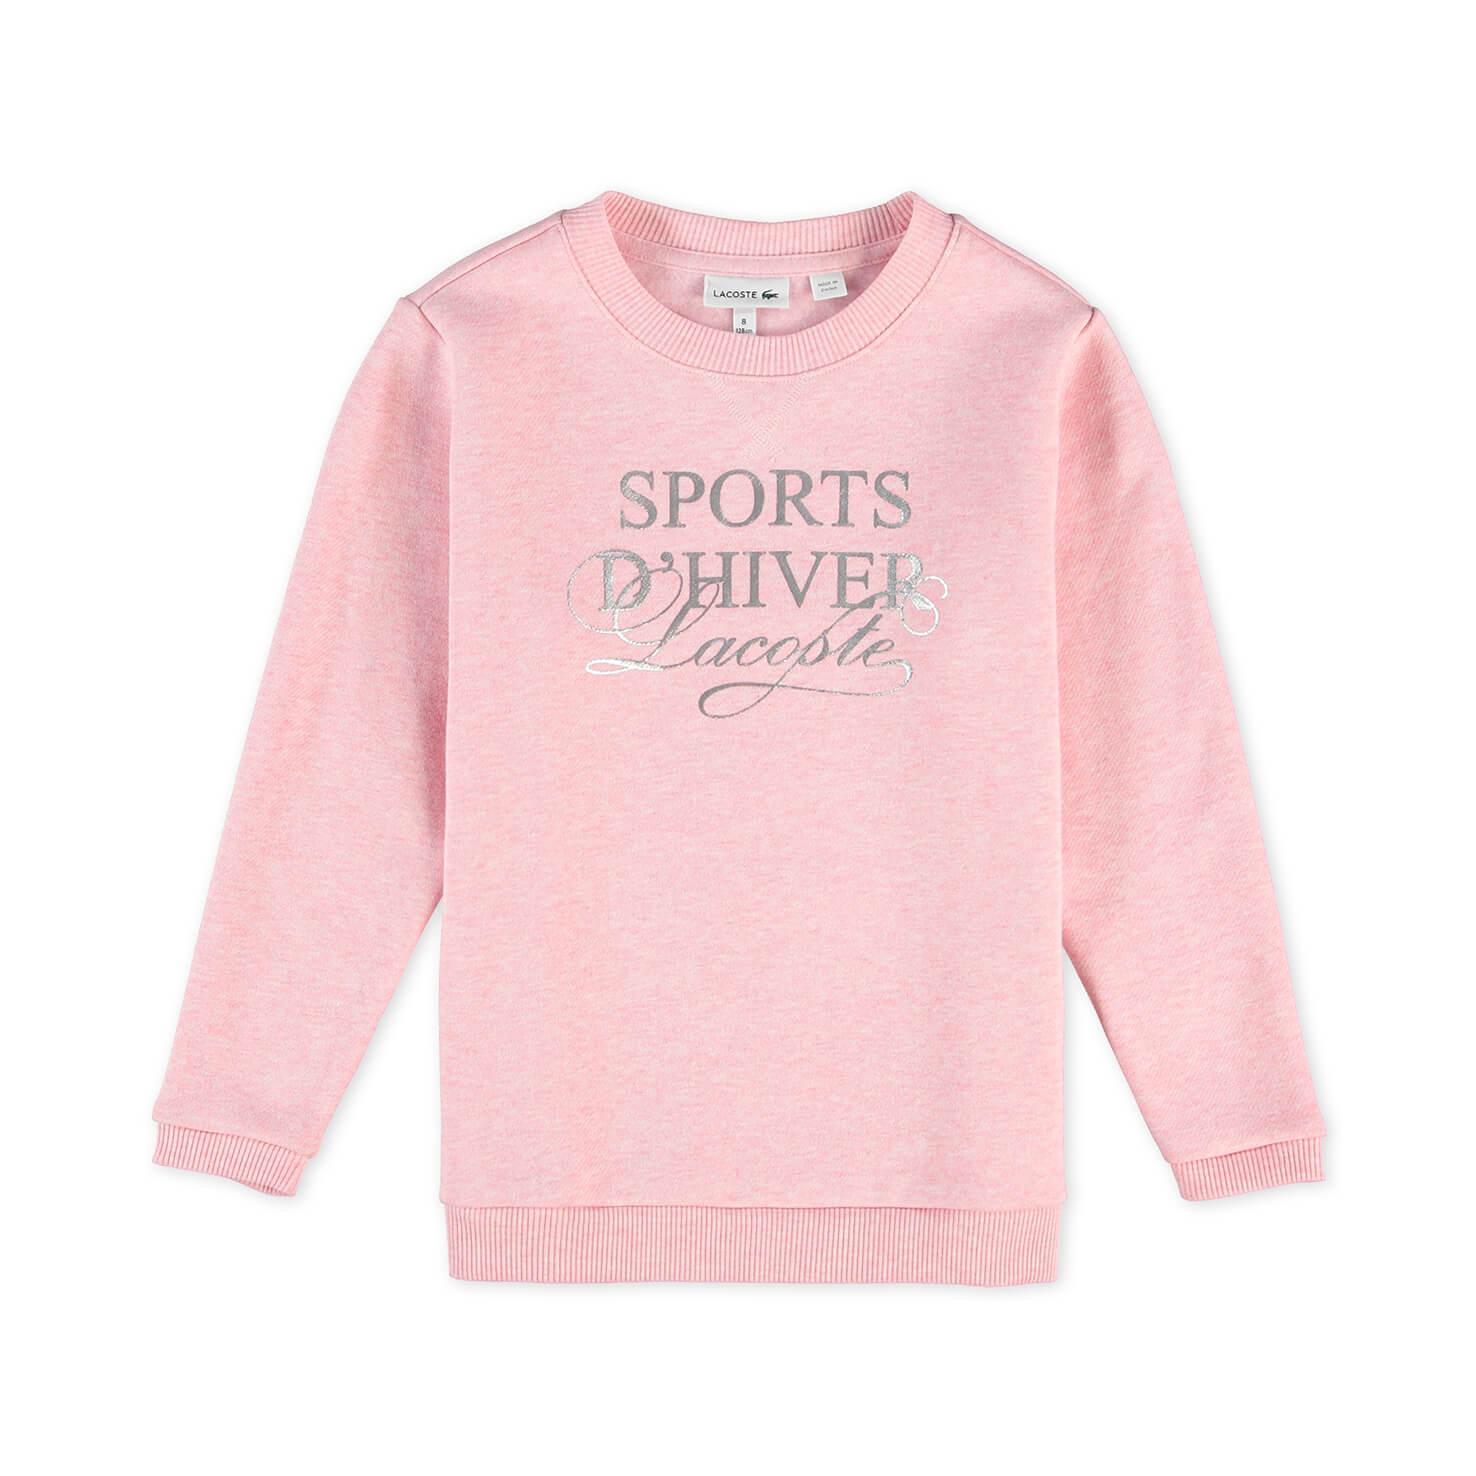 Купить Толстовка Lacoste, розовый, SJ9682